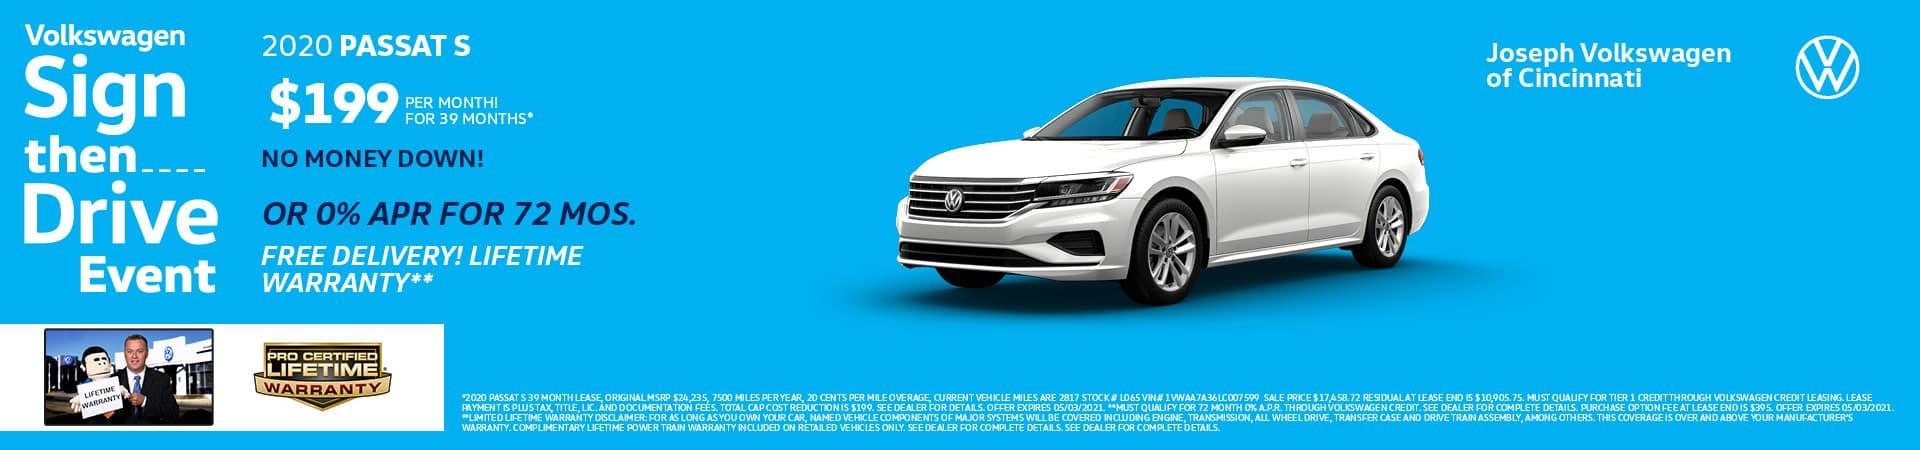 2020 Volkswagen Passat | Joseph Volkswagen of Cincinnati | Cincinnati, OH